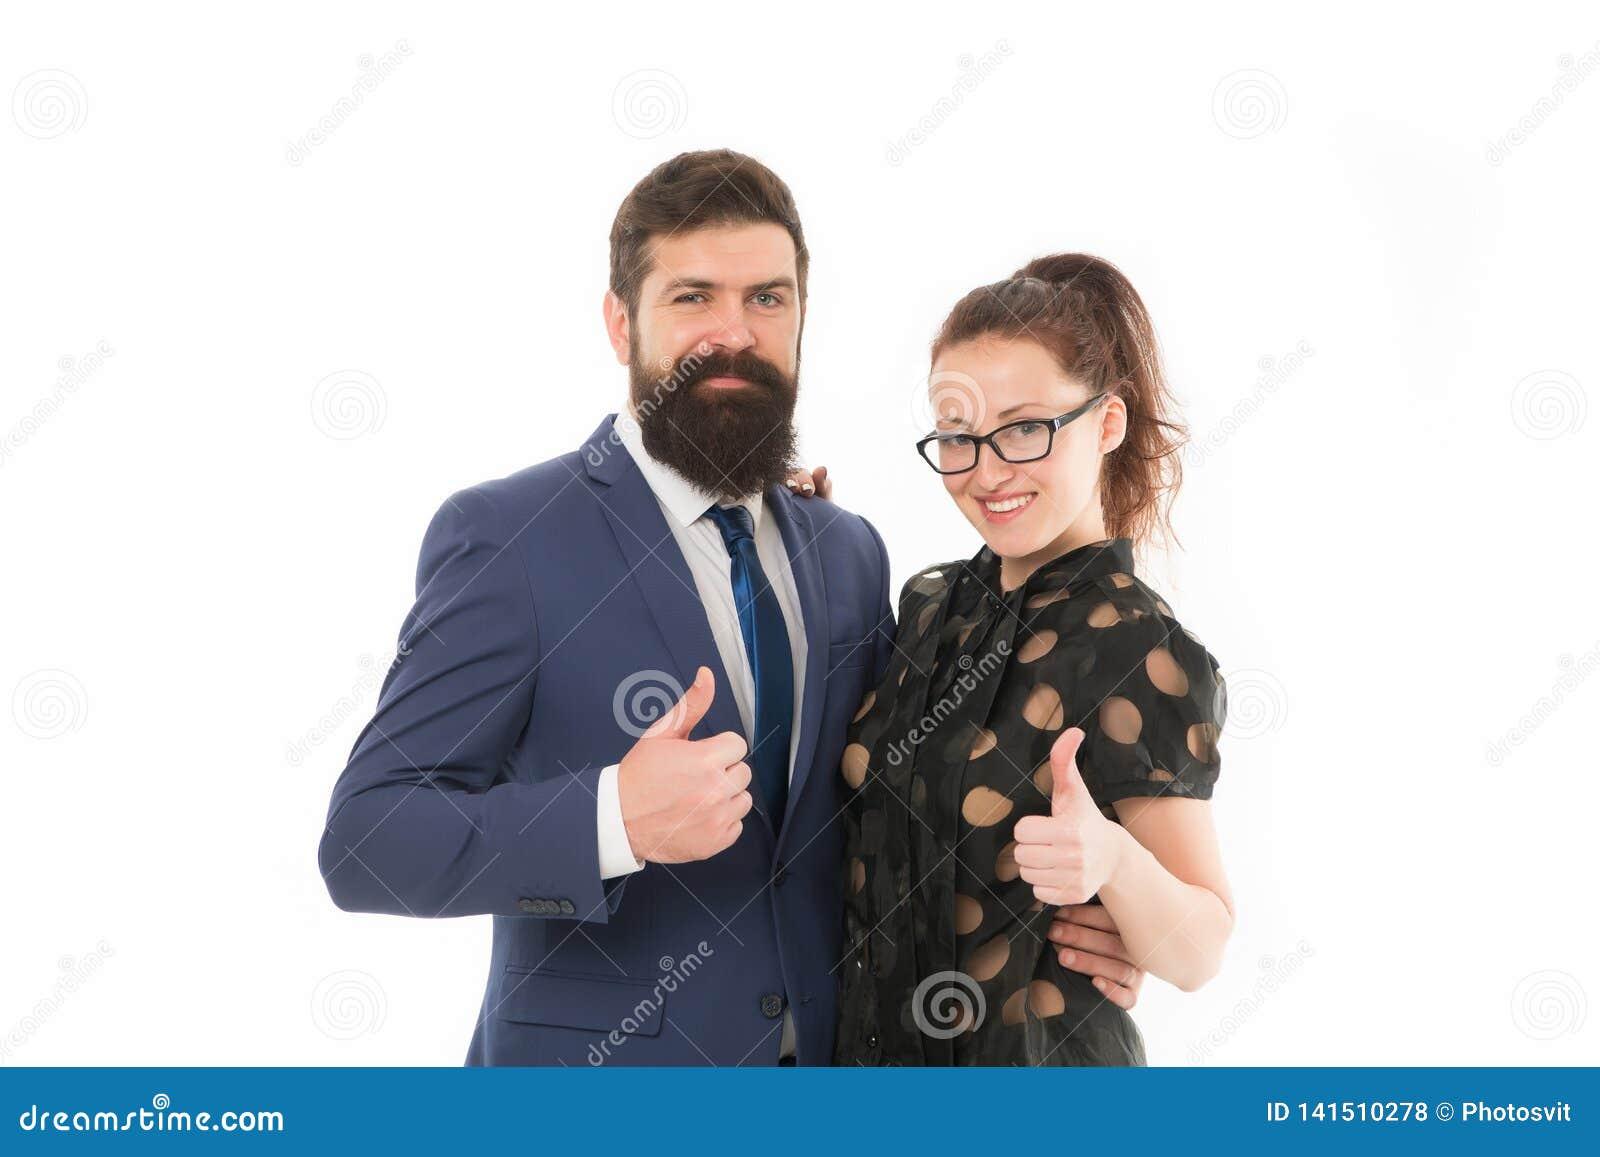 Bom trabalho Moderno do homem dos colegas do negócio com barba e monóculos bonitos da mulher no fundo branco Negócios